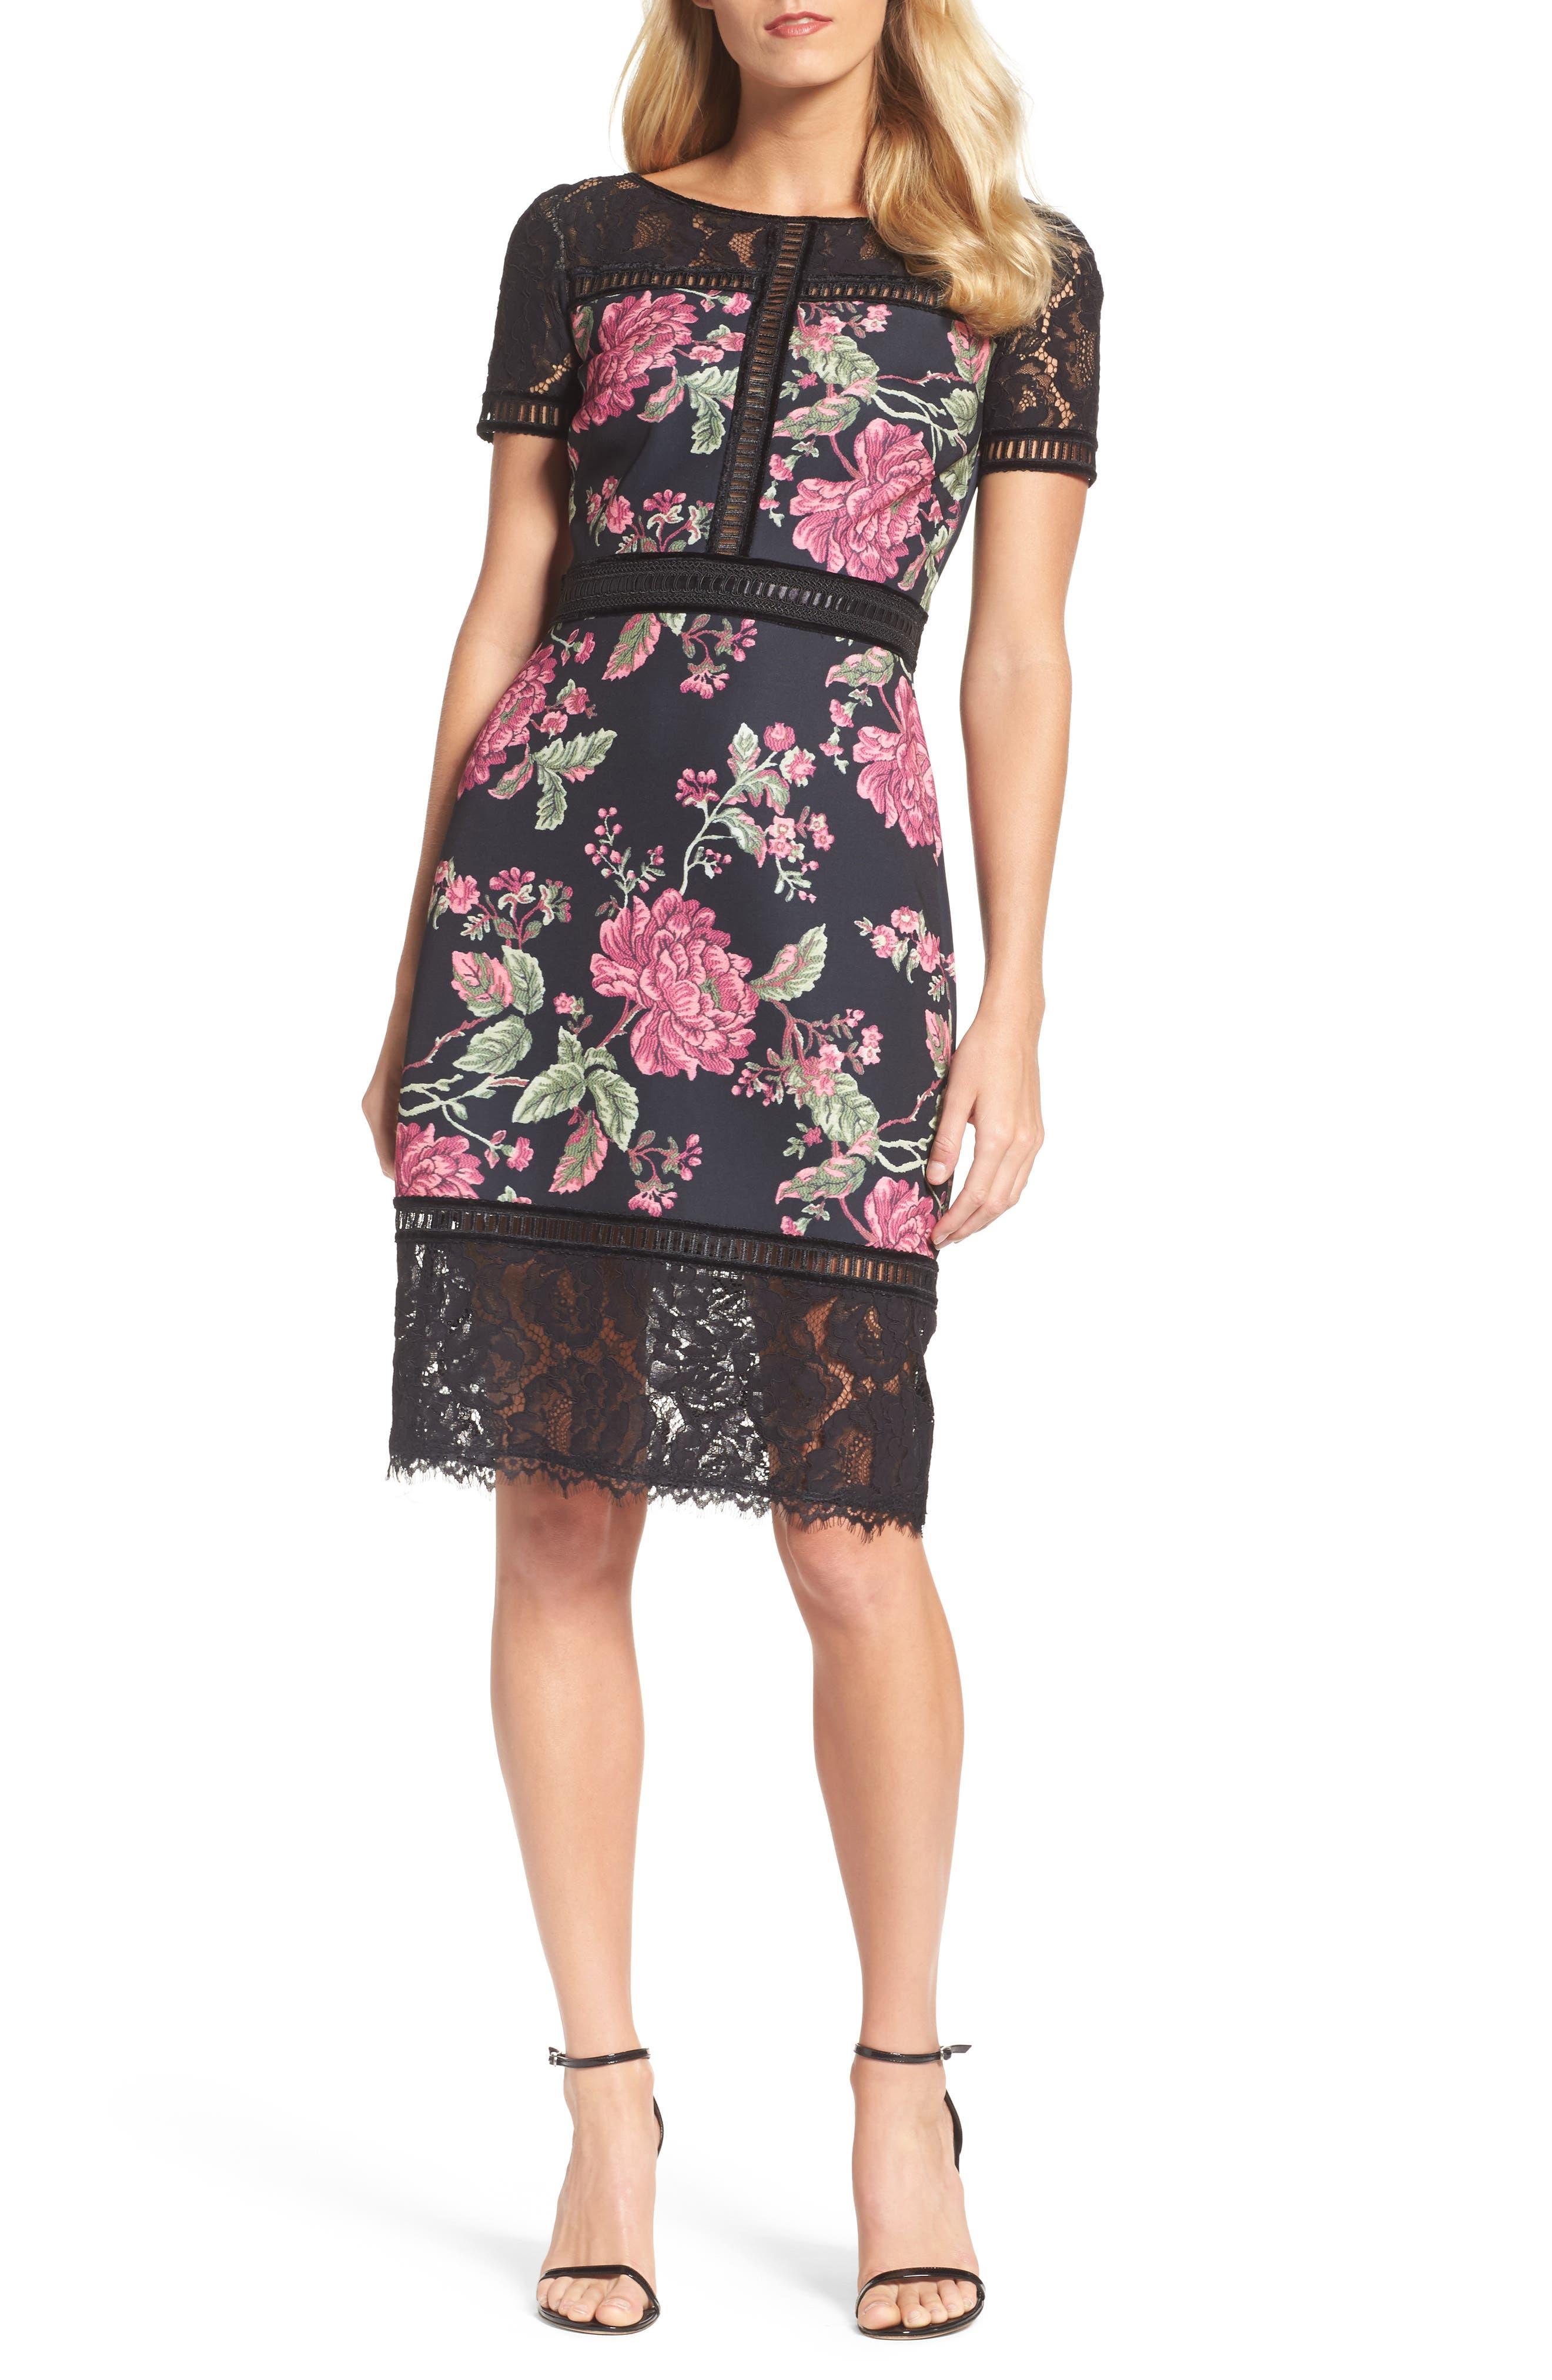 Tadashi Shoji Floral Neoprene & Lace Sheath Dress, Black